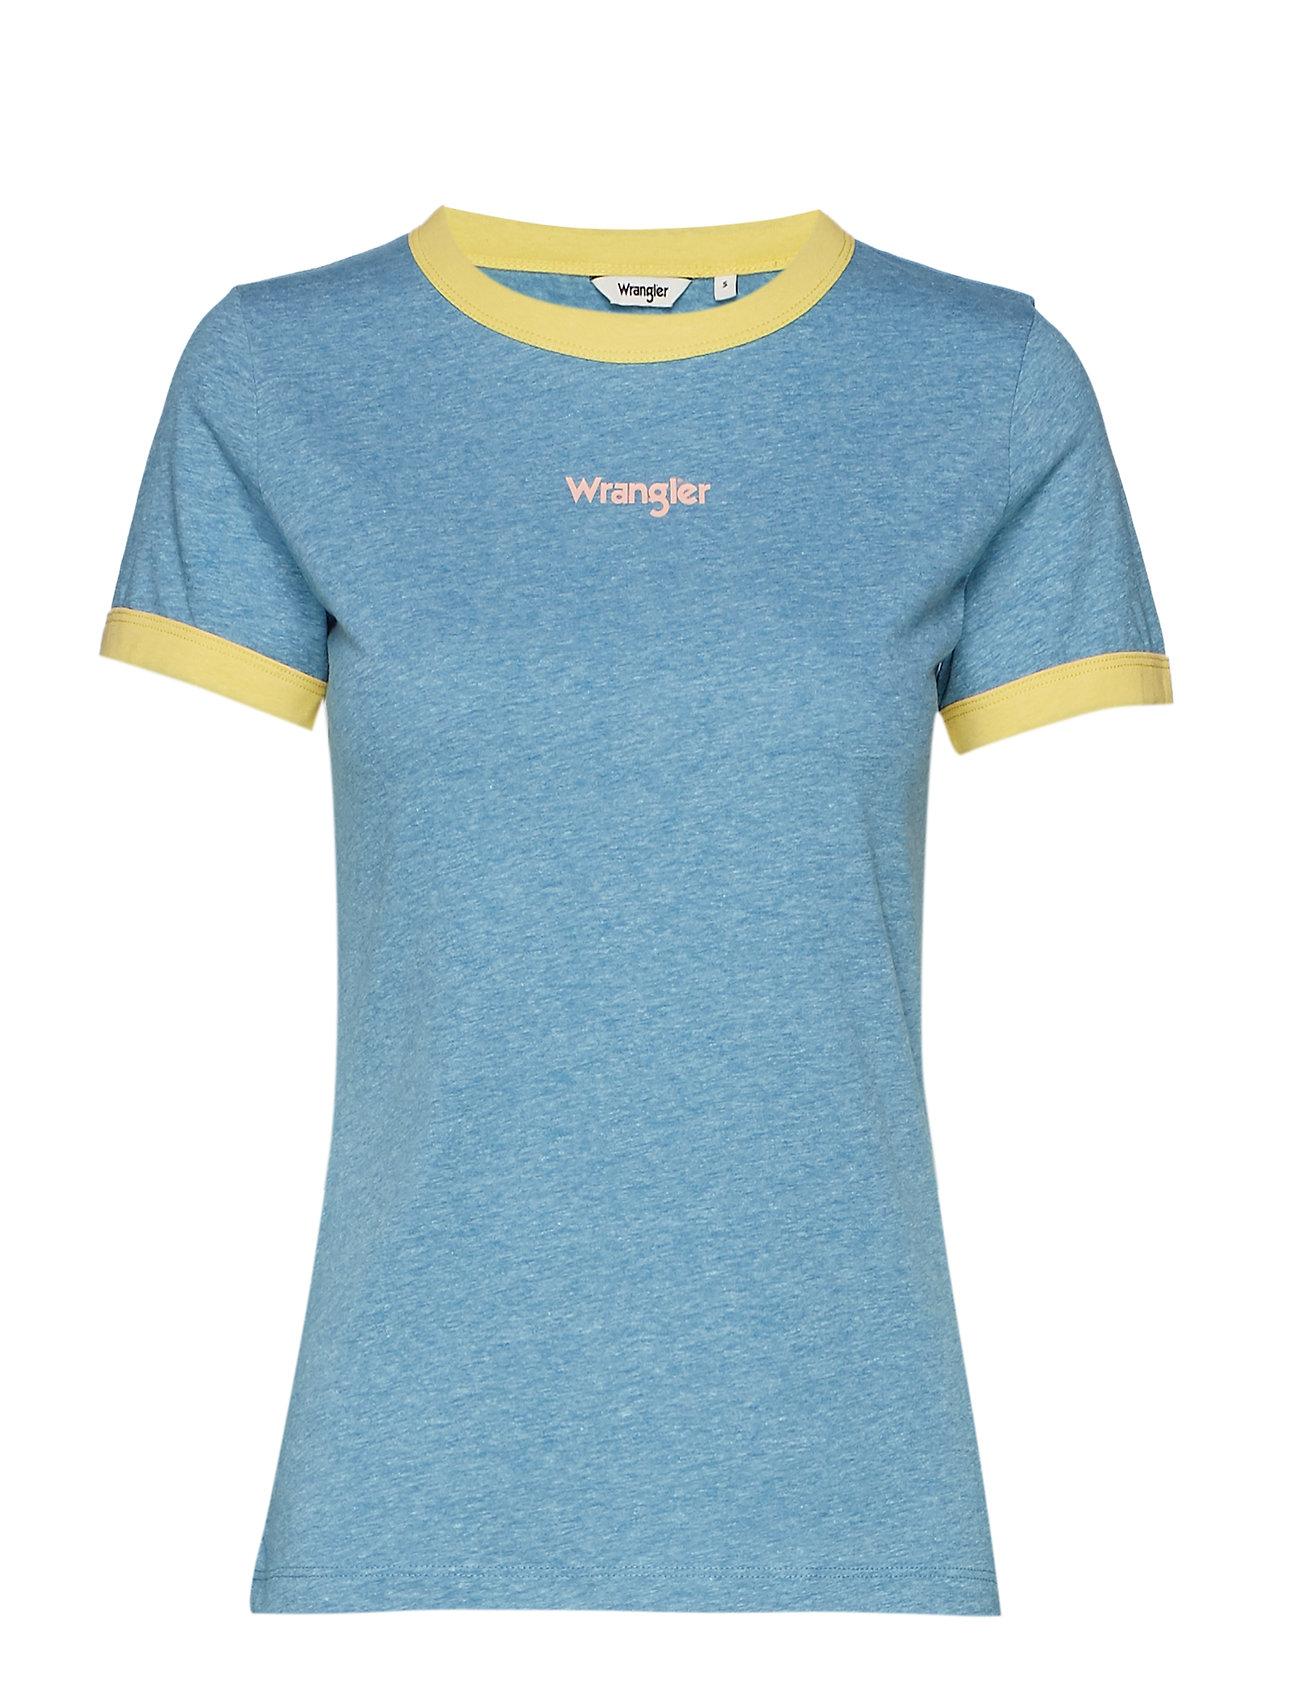 Wrangler RINGER TEE - NIAGARA BLUE